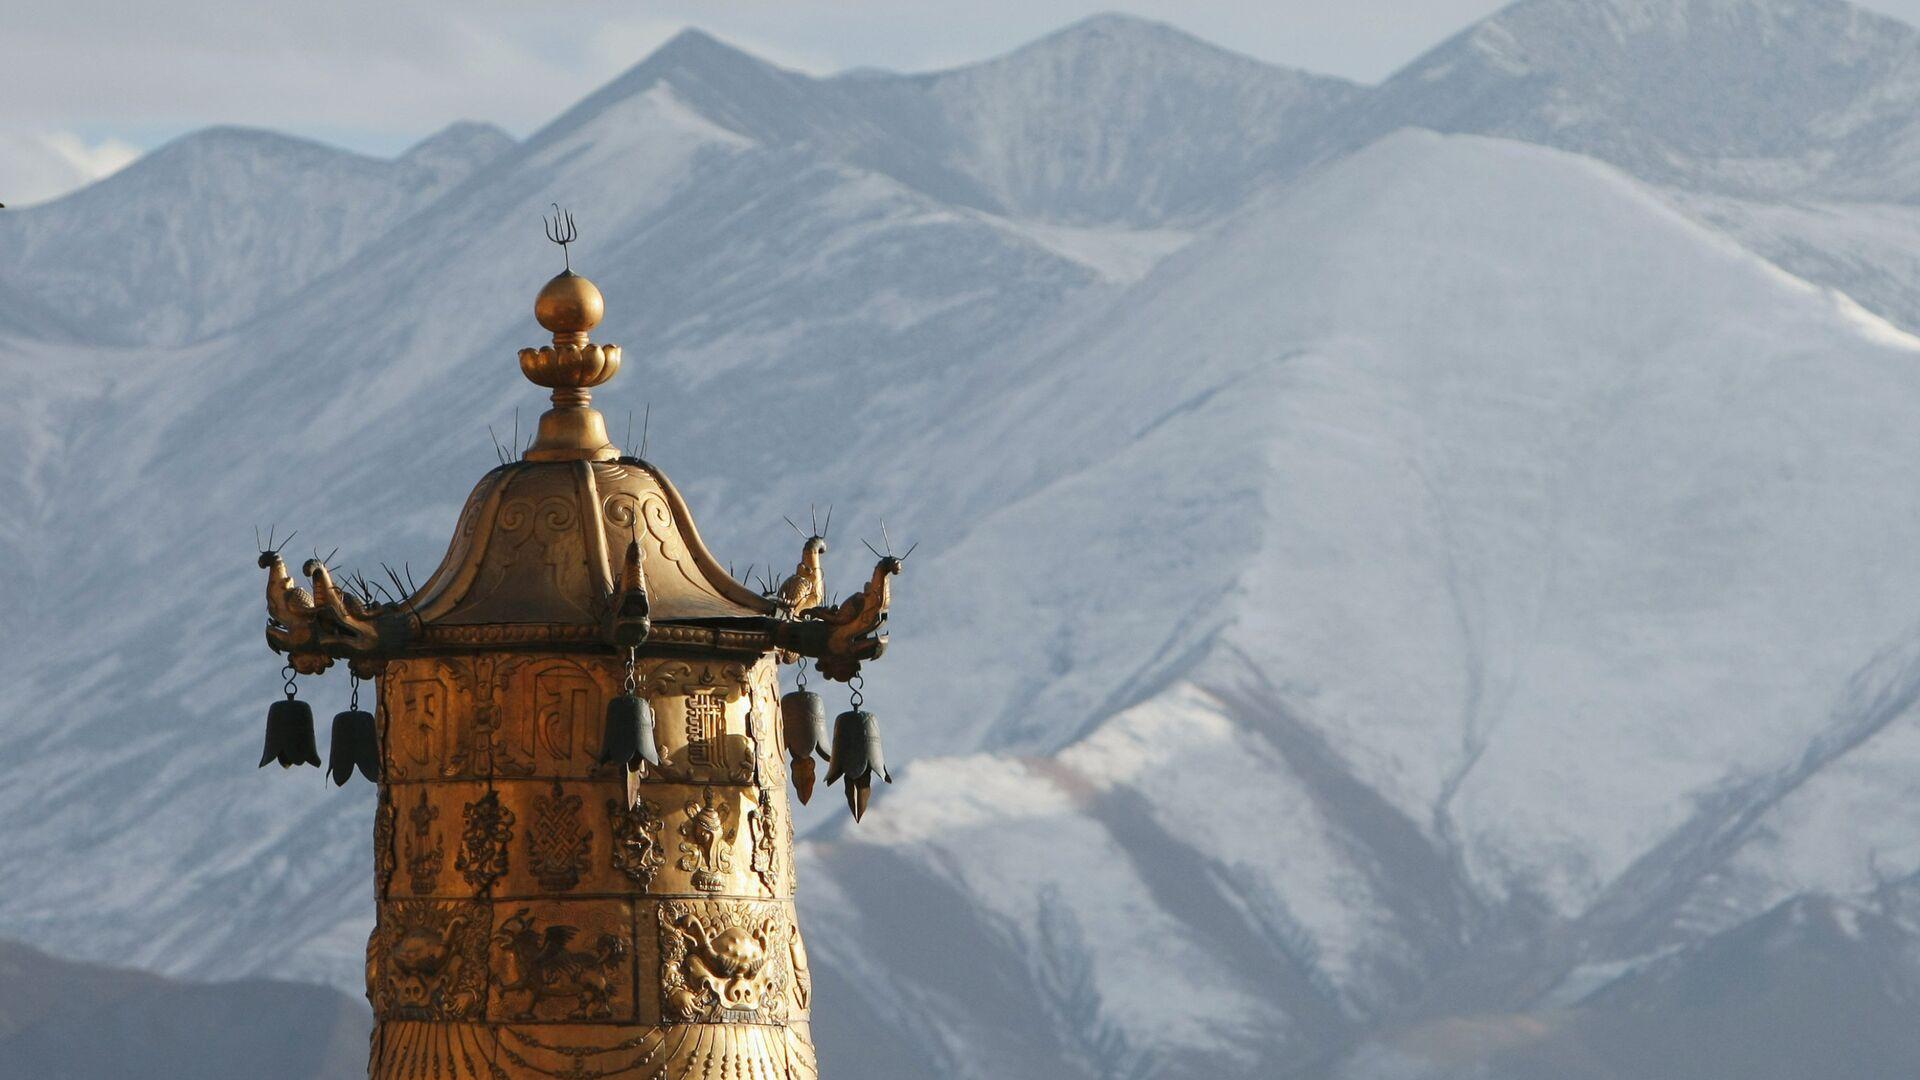 Монастырь Дрепунг. Лхаса. Тибет. - РИА Новости, 1920, 09.07.2020